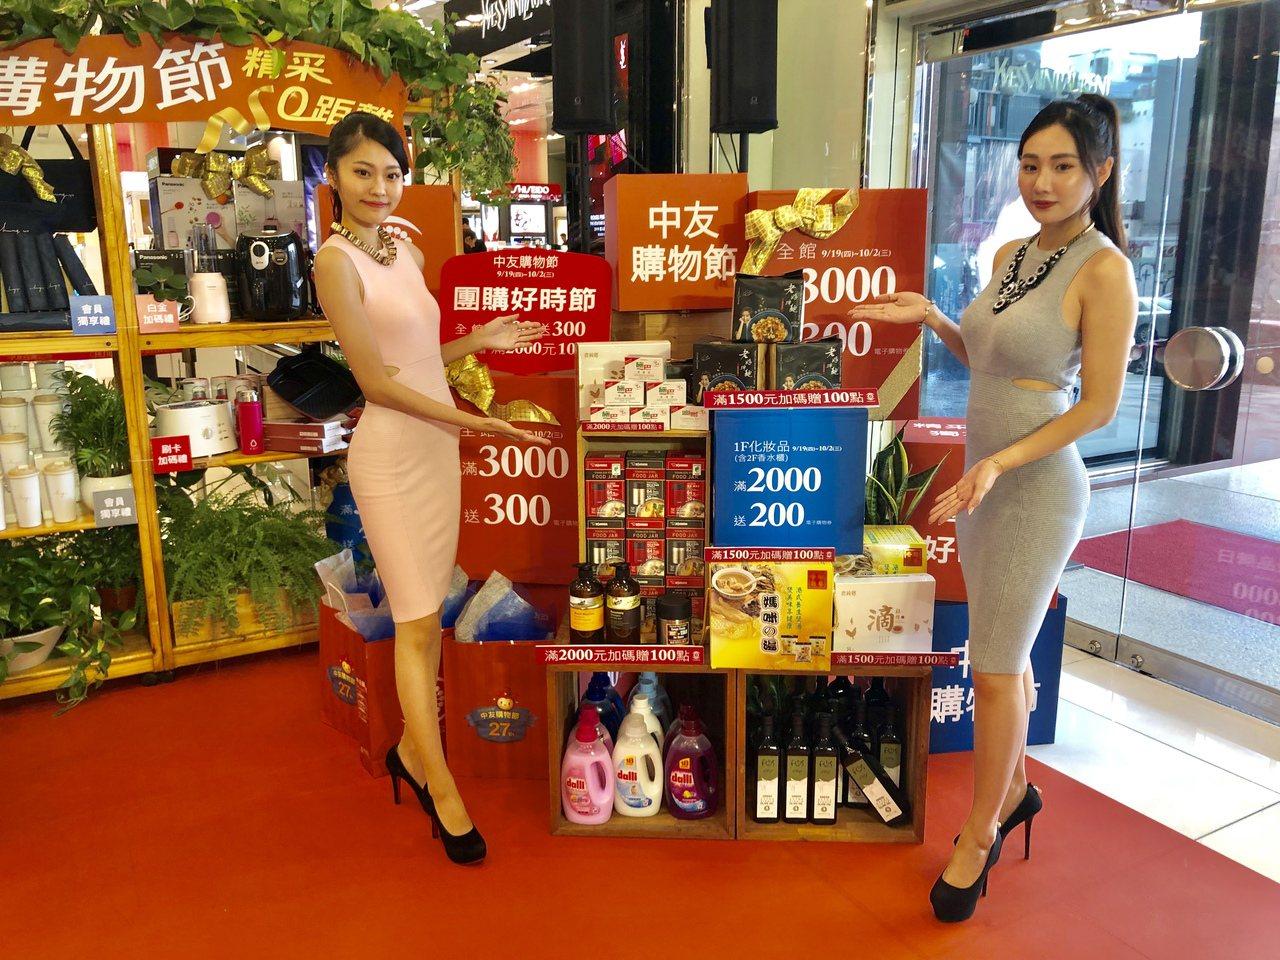 中友百貨購物節12日起開放預購、19日正式開打,今年投入1.8億元促銷預算,除了...